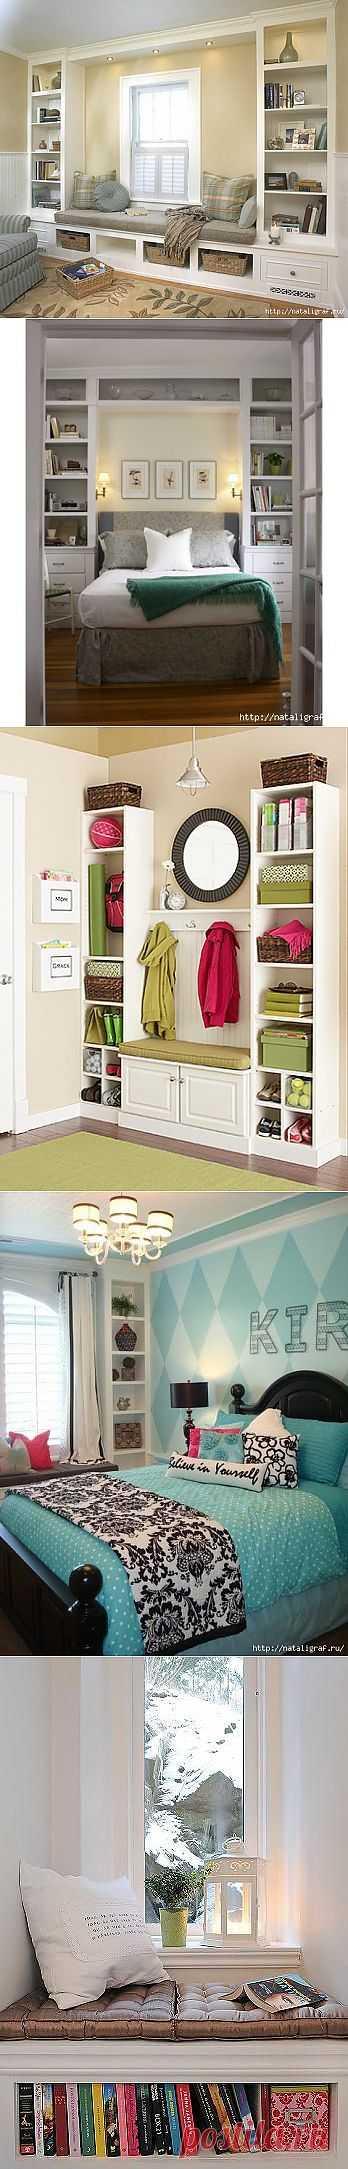 Полки и шкафы в доме.